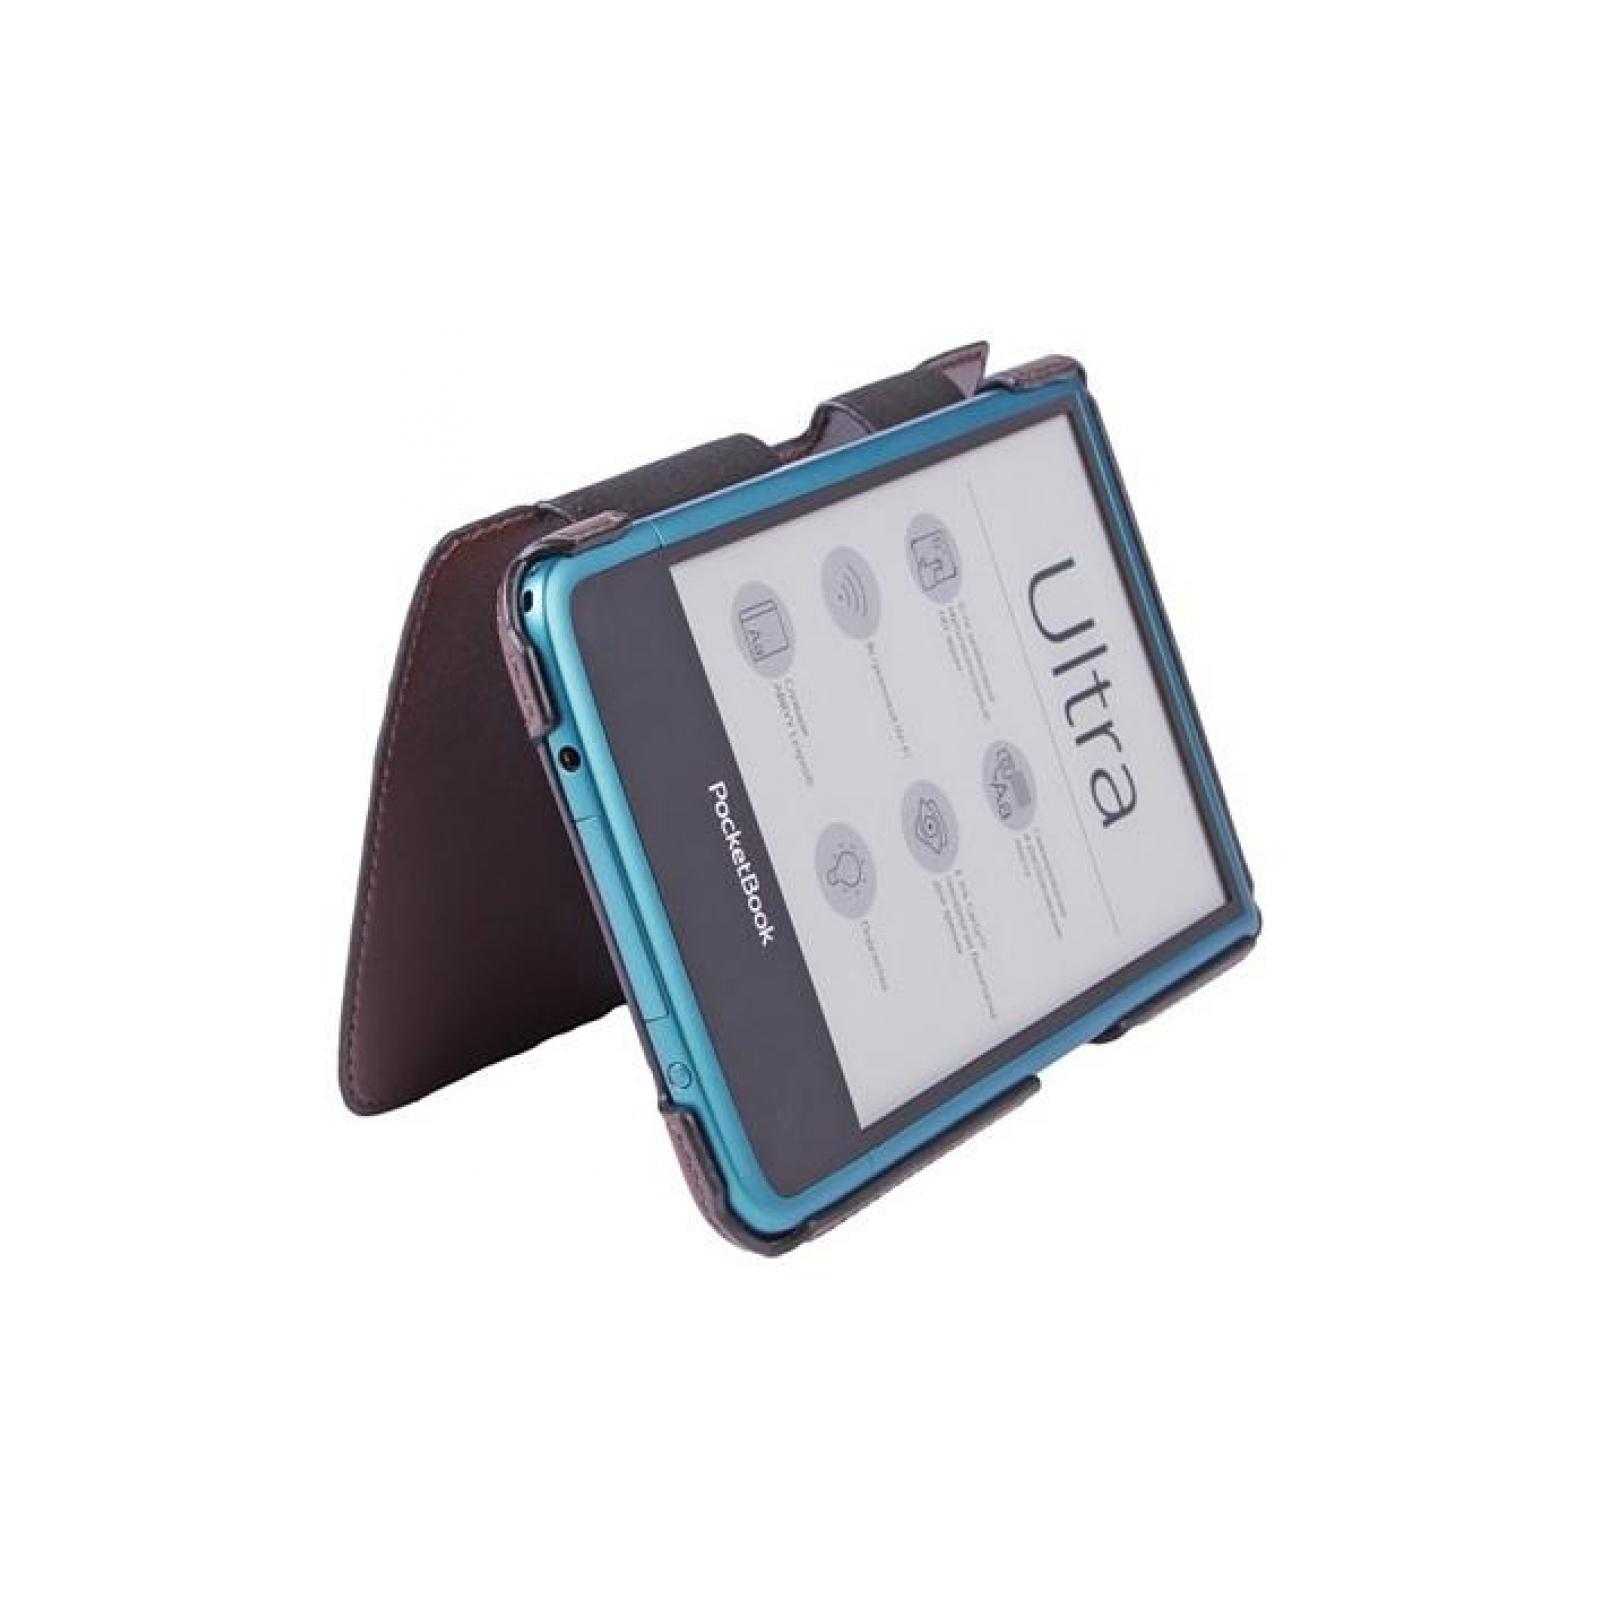 Чехол для электронной книги AirOn для PocketBook 650 (4821784622002) изображение 6